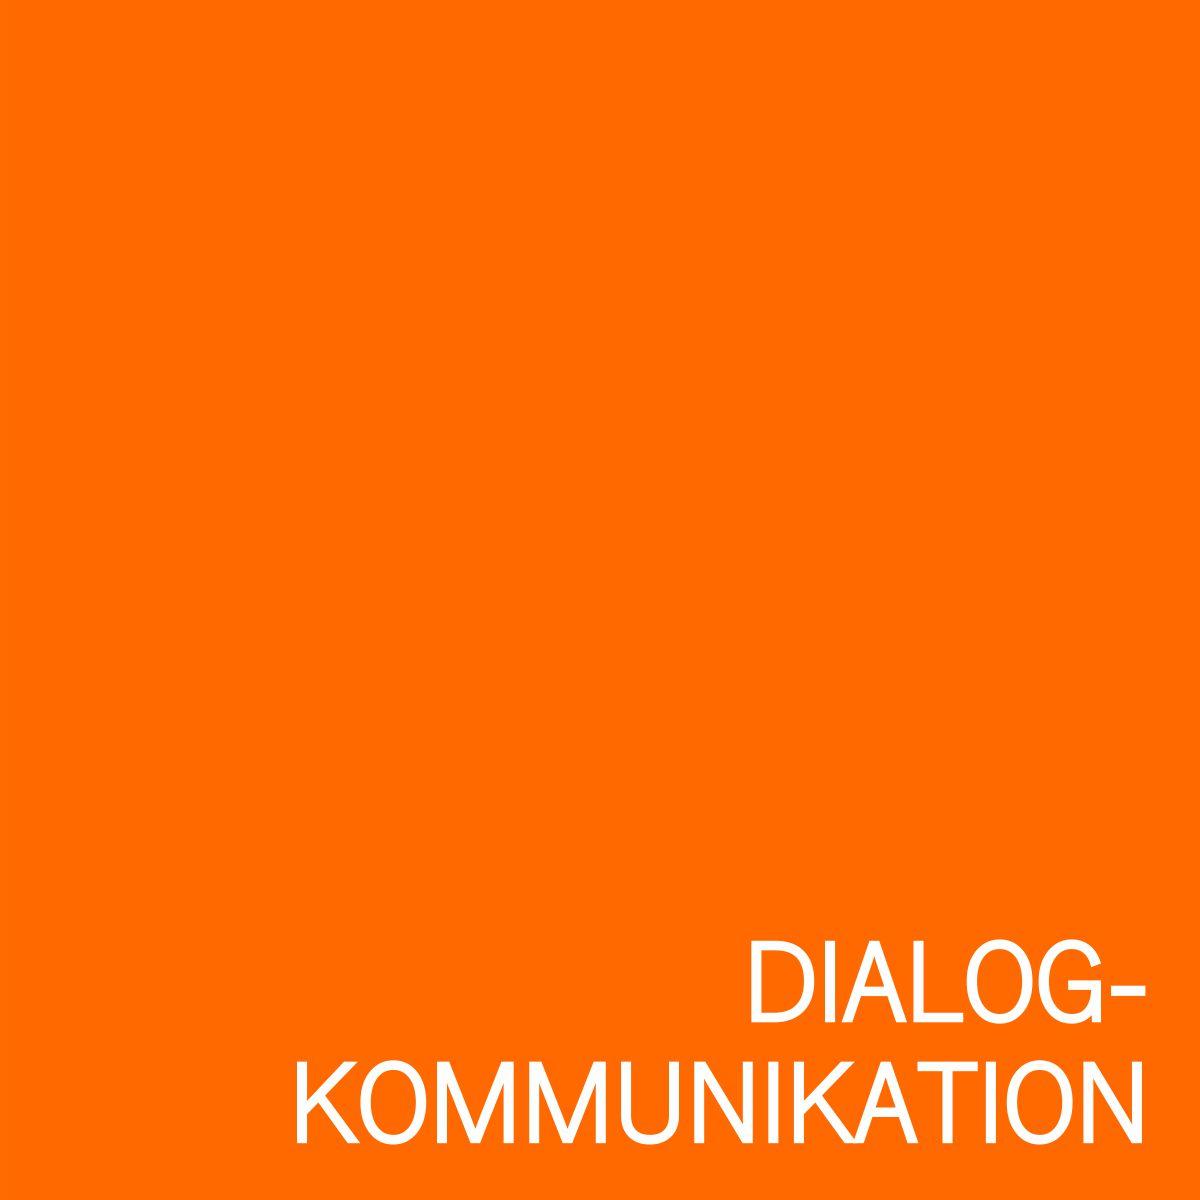 Grafik Dialog-Kommunikation